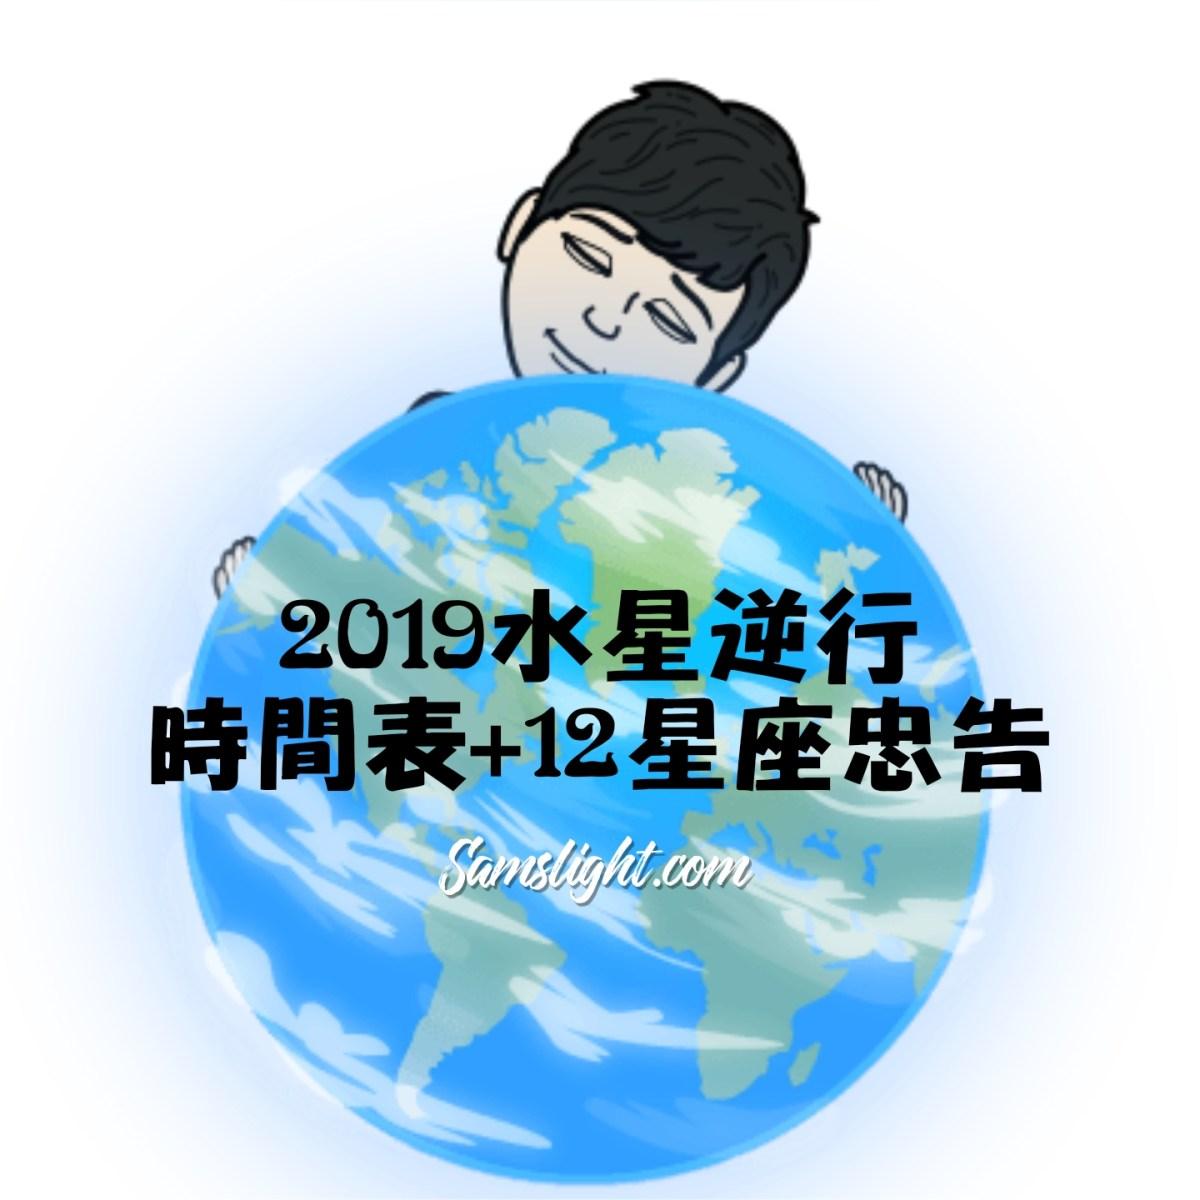 2019年水星逆行時間表+12星座忠告